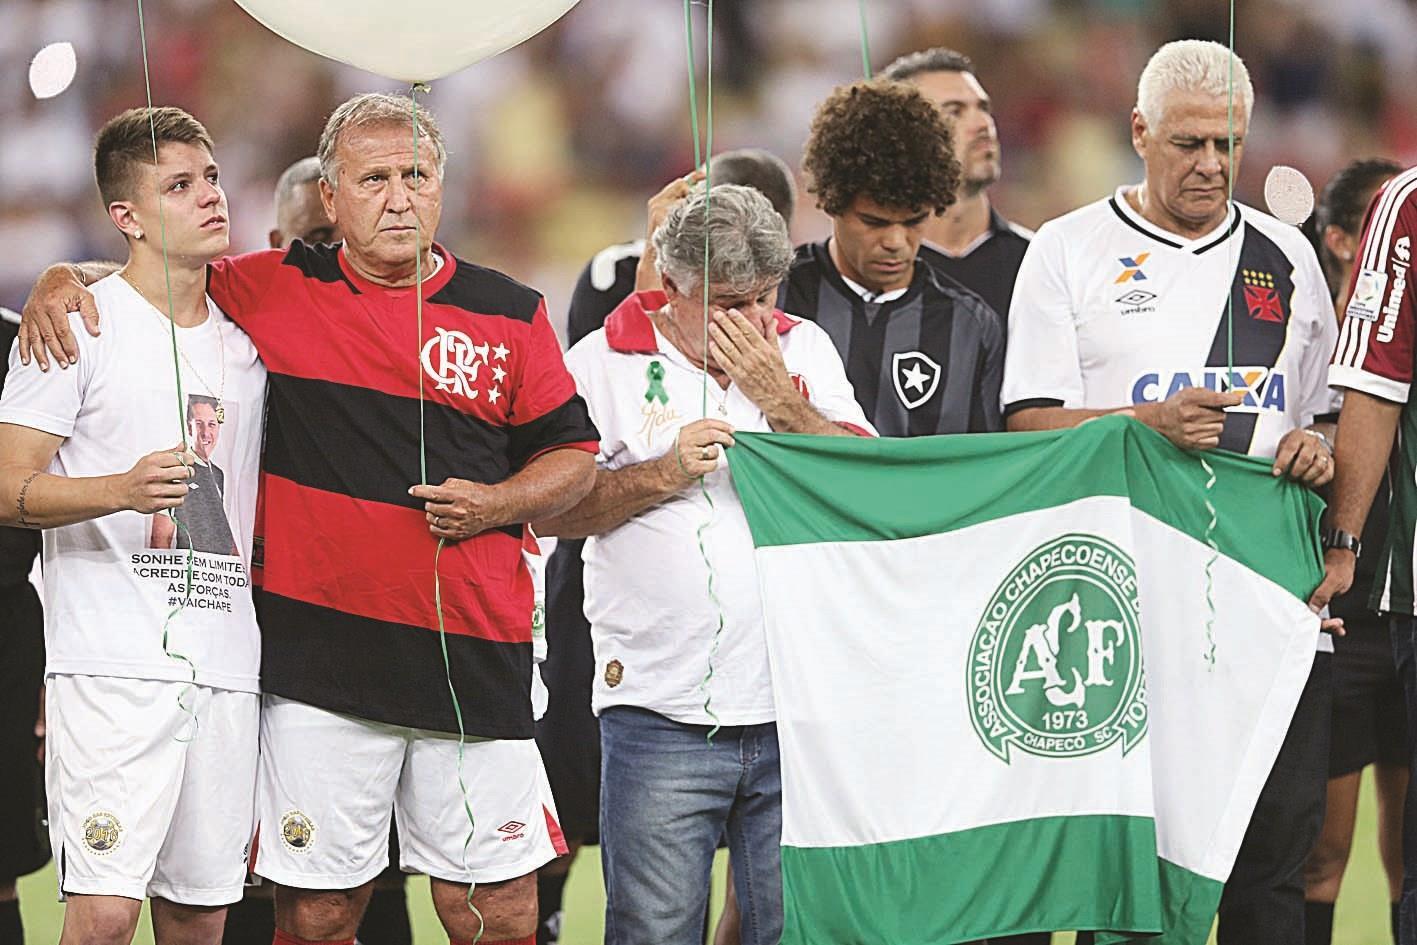 زيكو لاعب المنتخب البرازيلي السابق خلال مباراة النجوم لتكريم ضحايا فريق شابيكوينسي في ريو دي جانيرو. (رويترز)